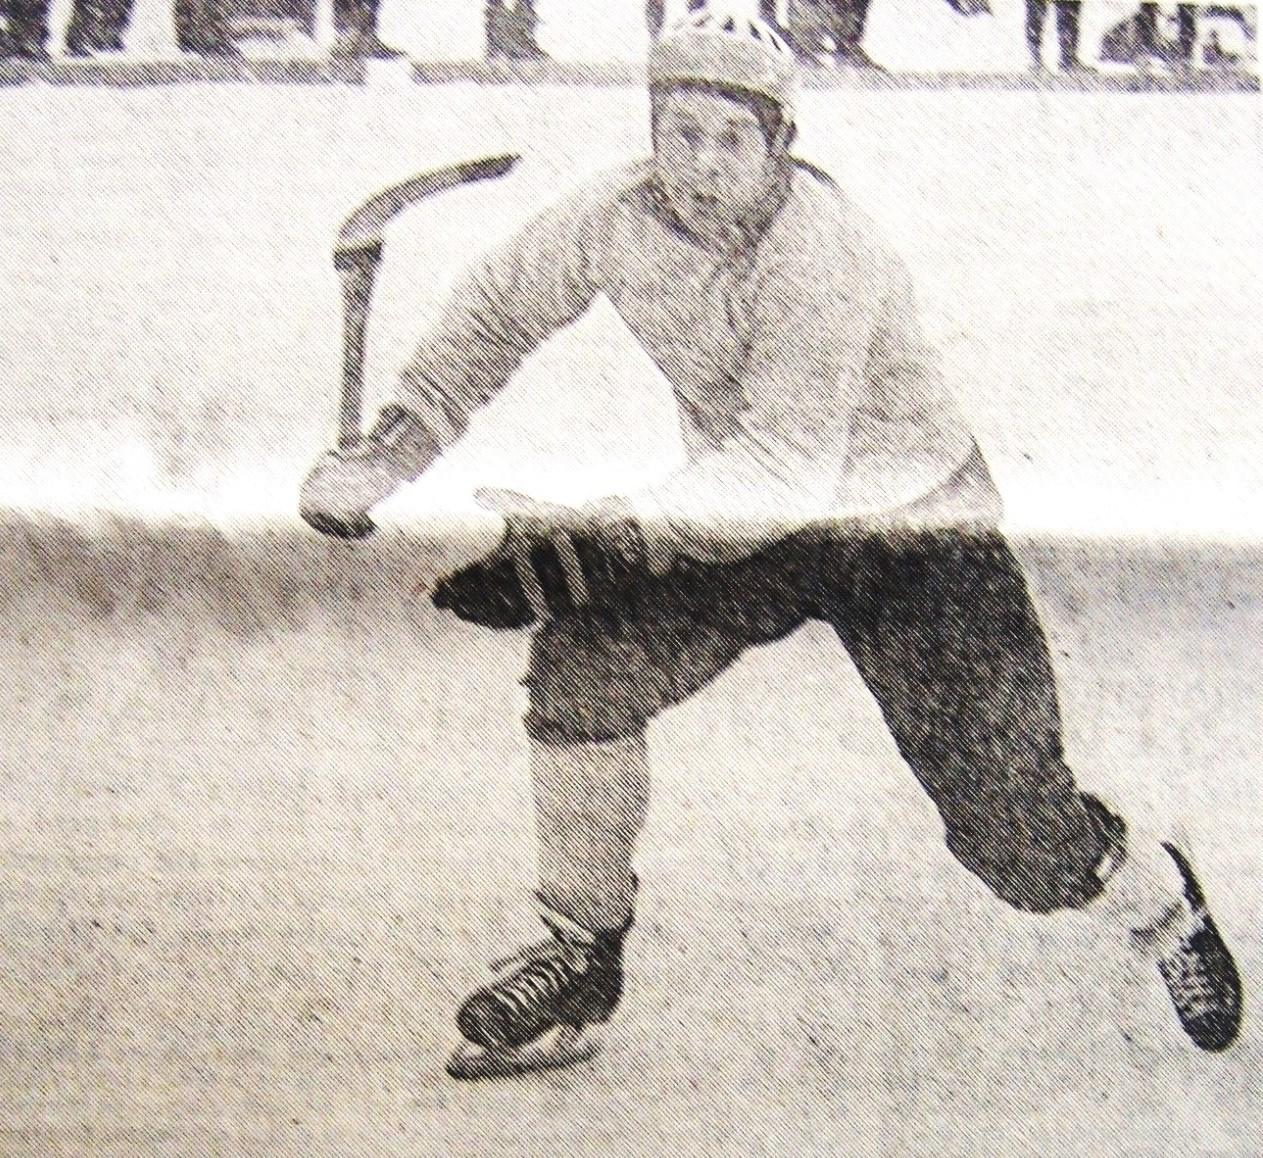 16 января 1973 г. Товарищеский матч в Катринохольме. В атаке великий швед «Бемпа» Эрикссон